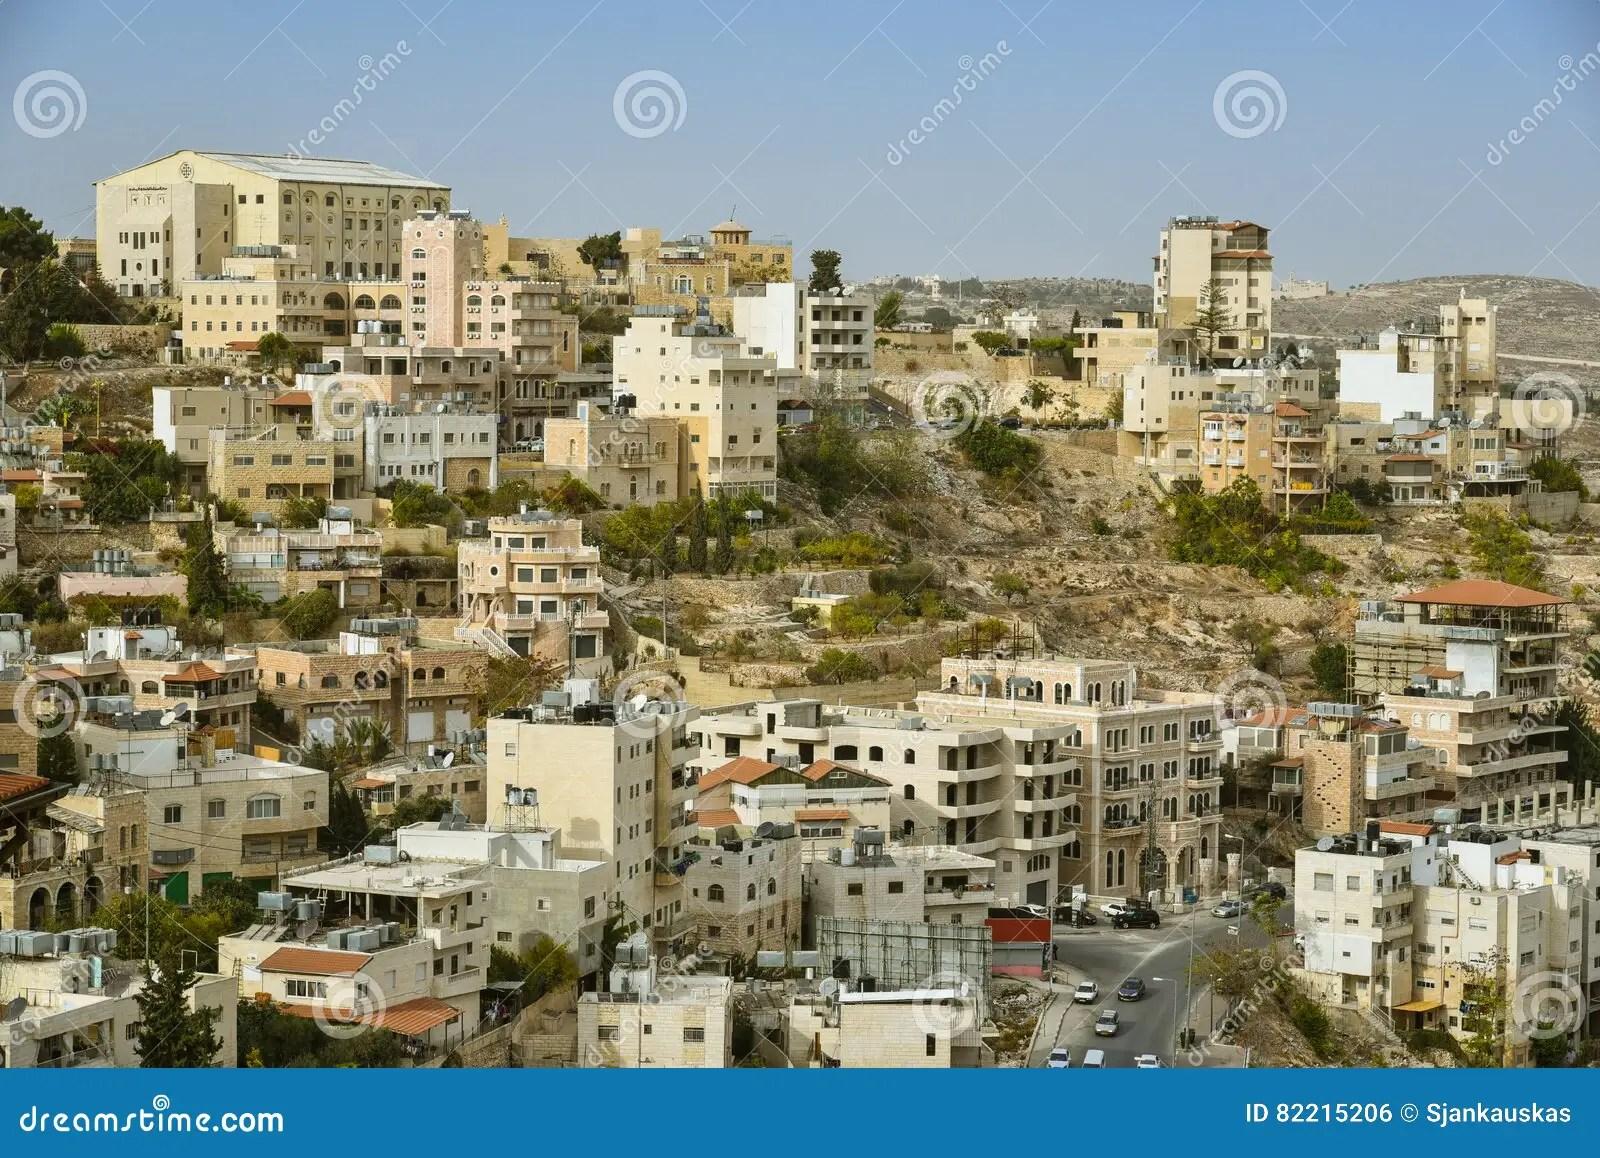 Paesaggio Urbano Di Betlemme Palestina Fotografia Stock